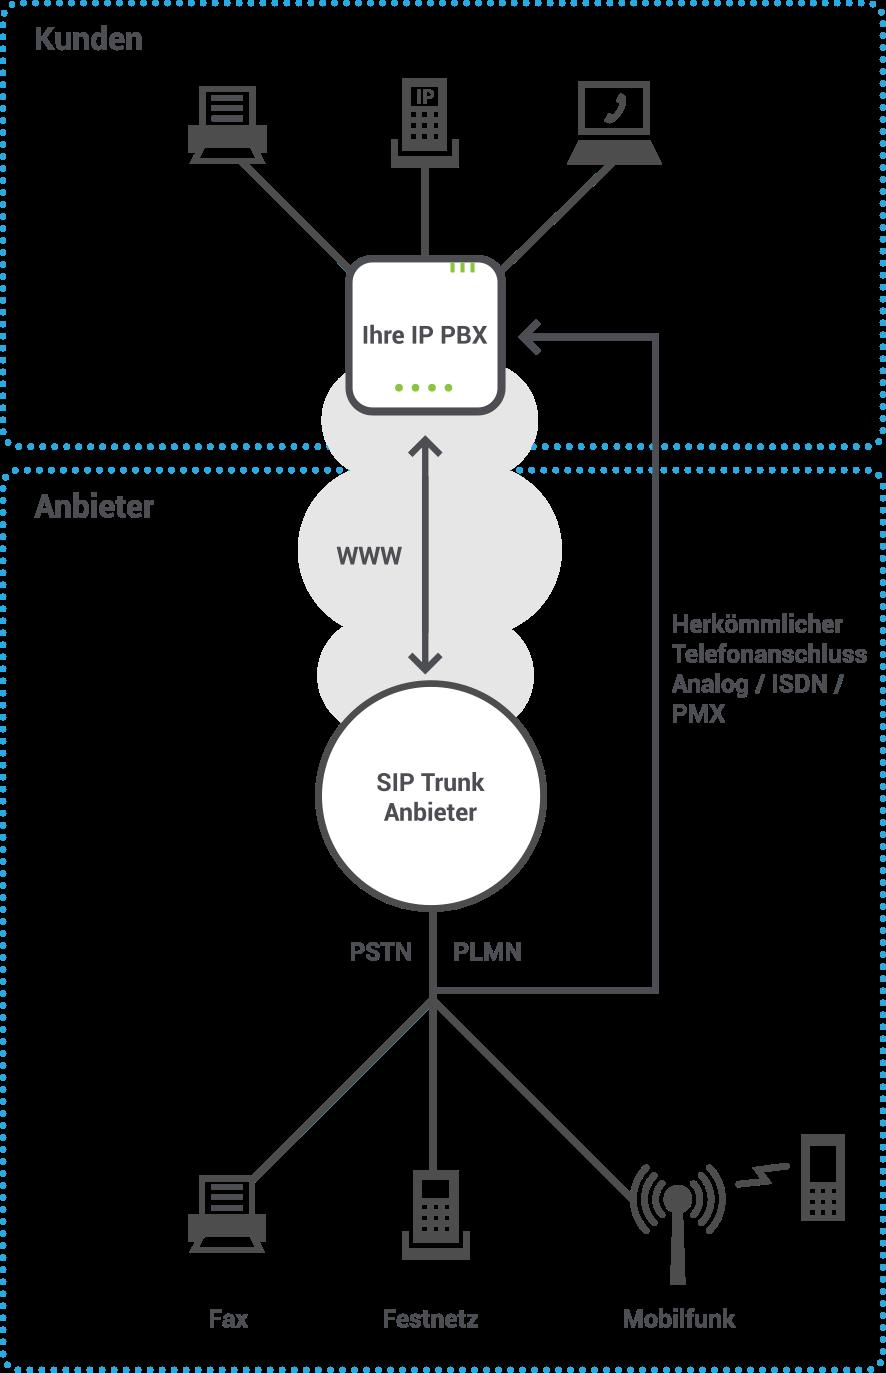 Bestehende IP-Telefonanlage kann SIP Trunking unterstützen